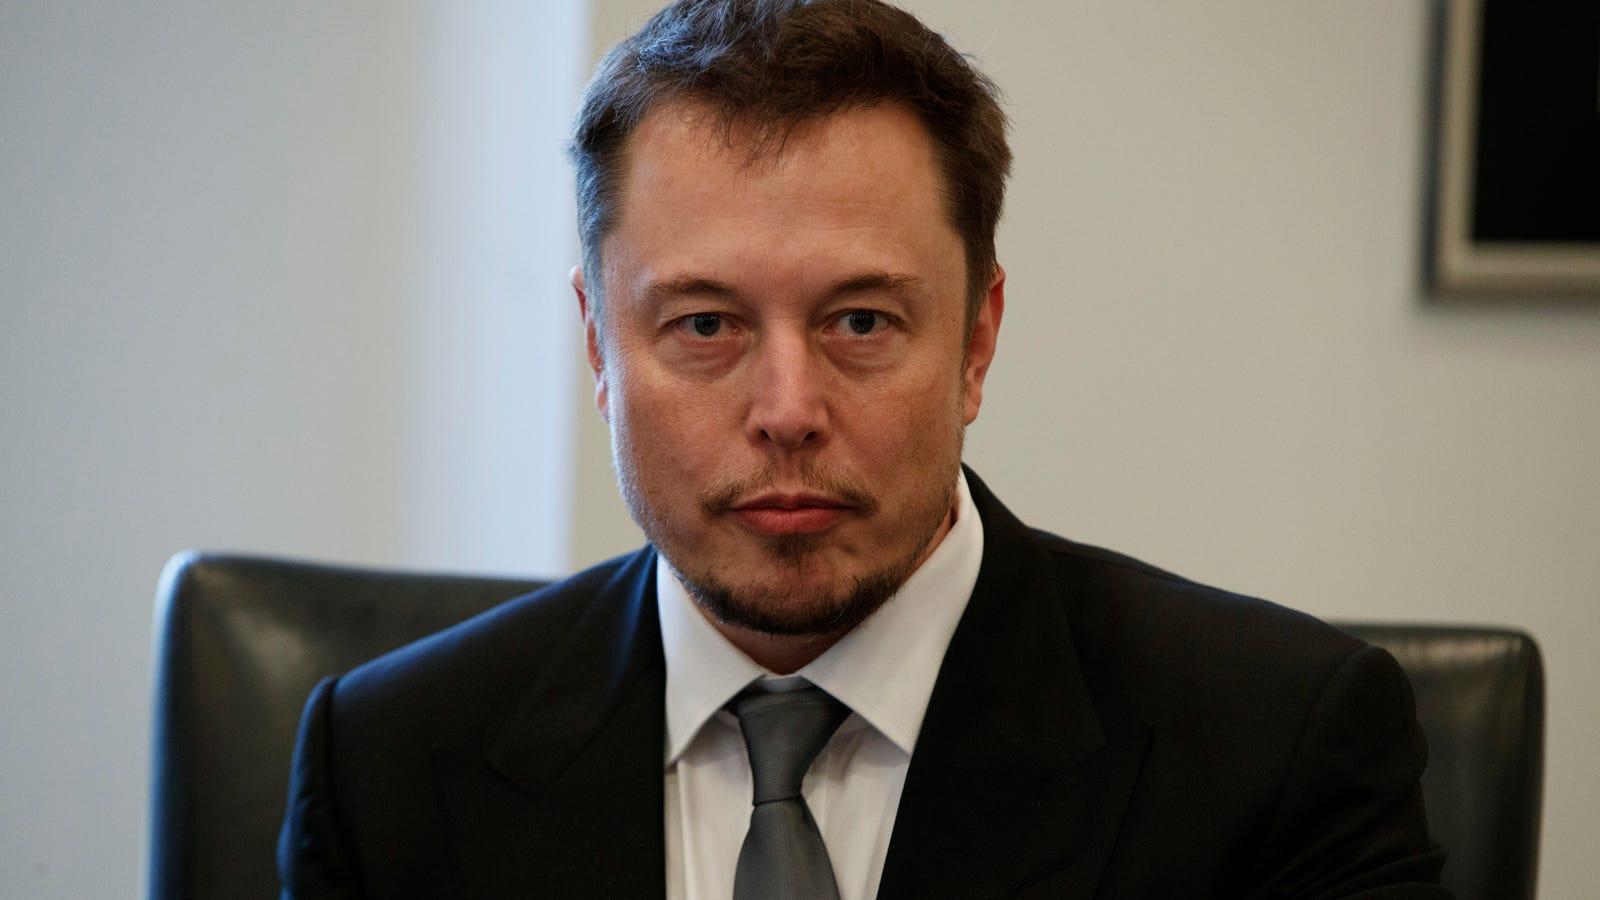 Qué se sabe de Ad Astra, la escuela secreta que fundó Elon Musk para educar a sus hijos